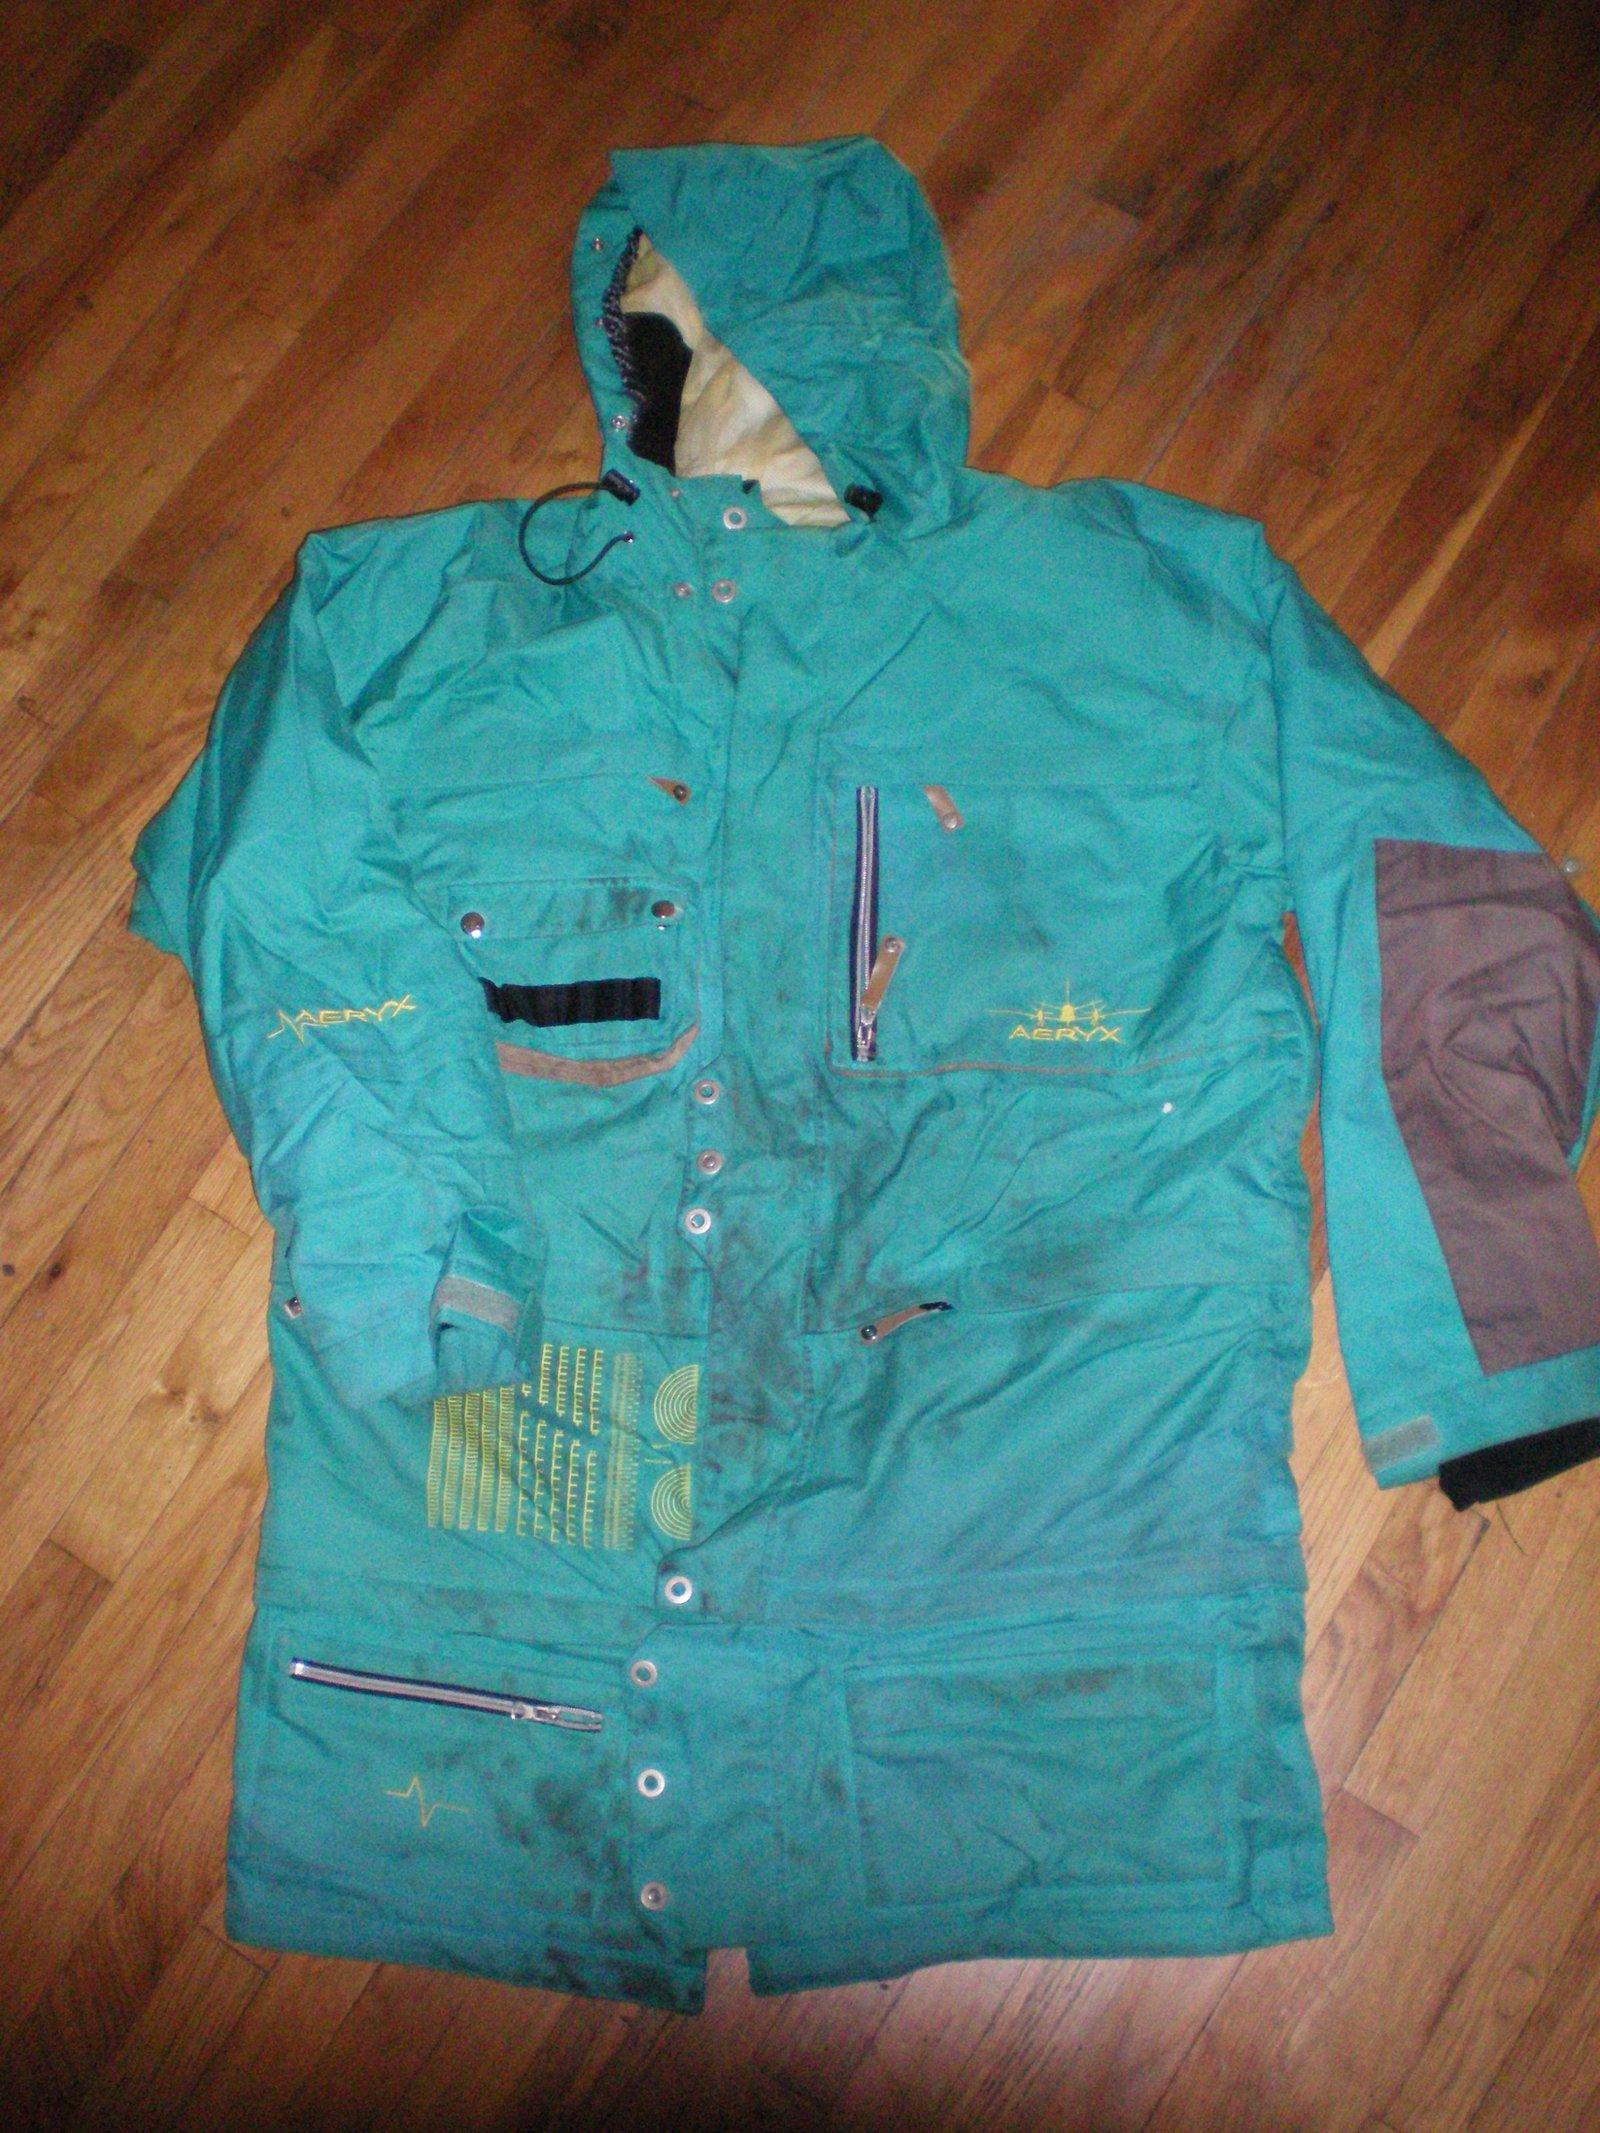 Tall aeryx jacket